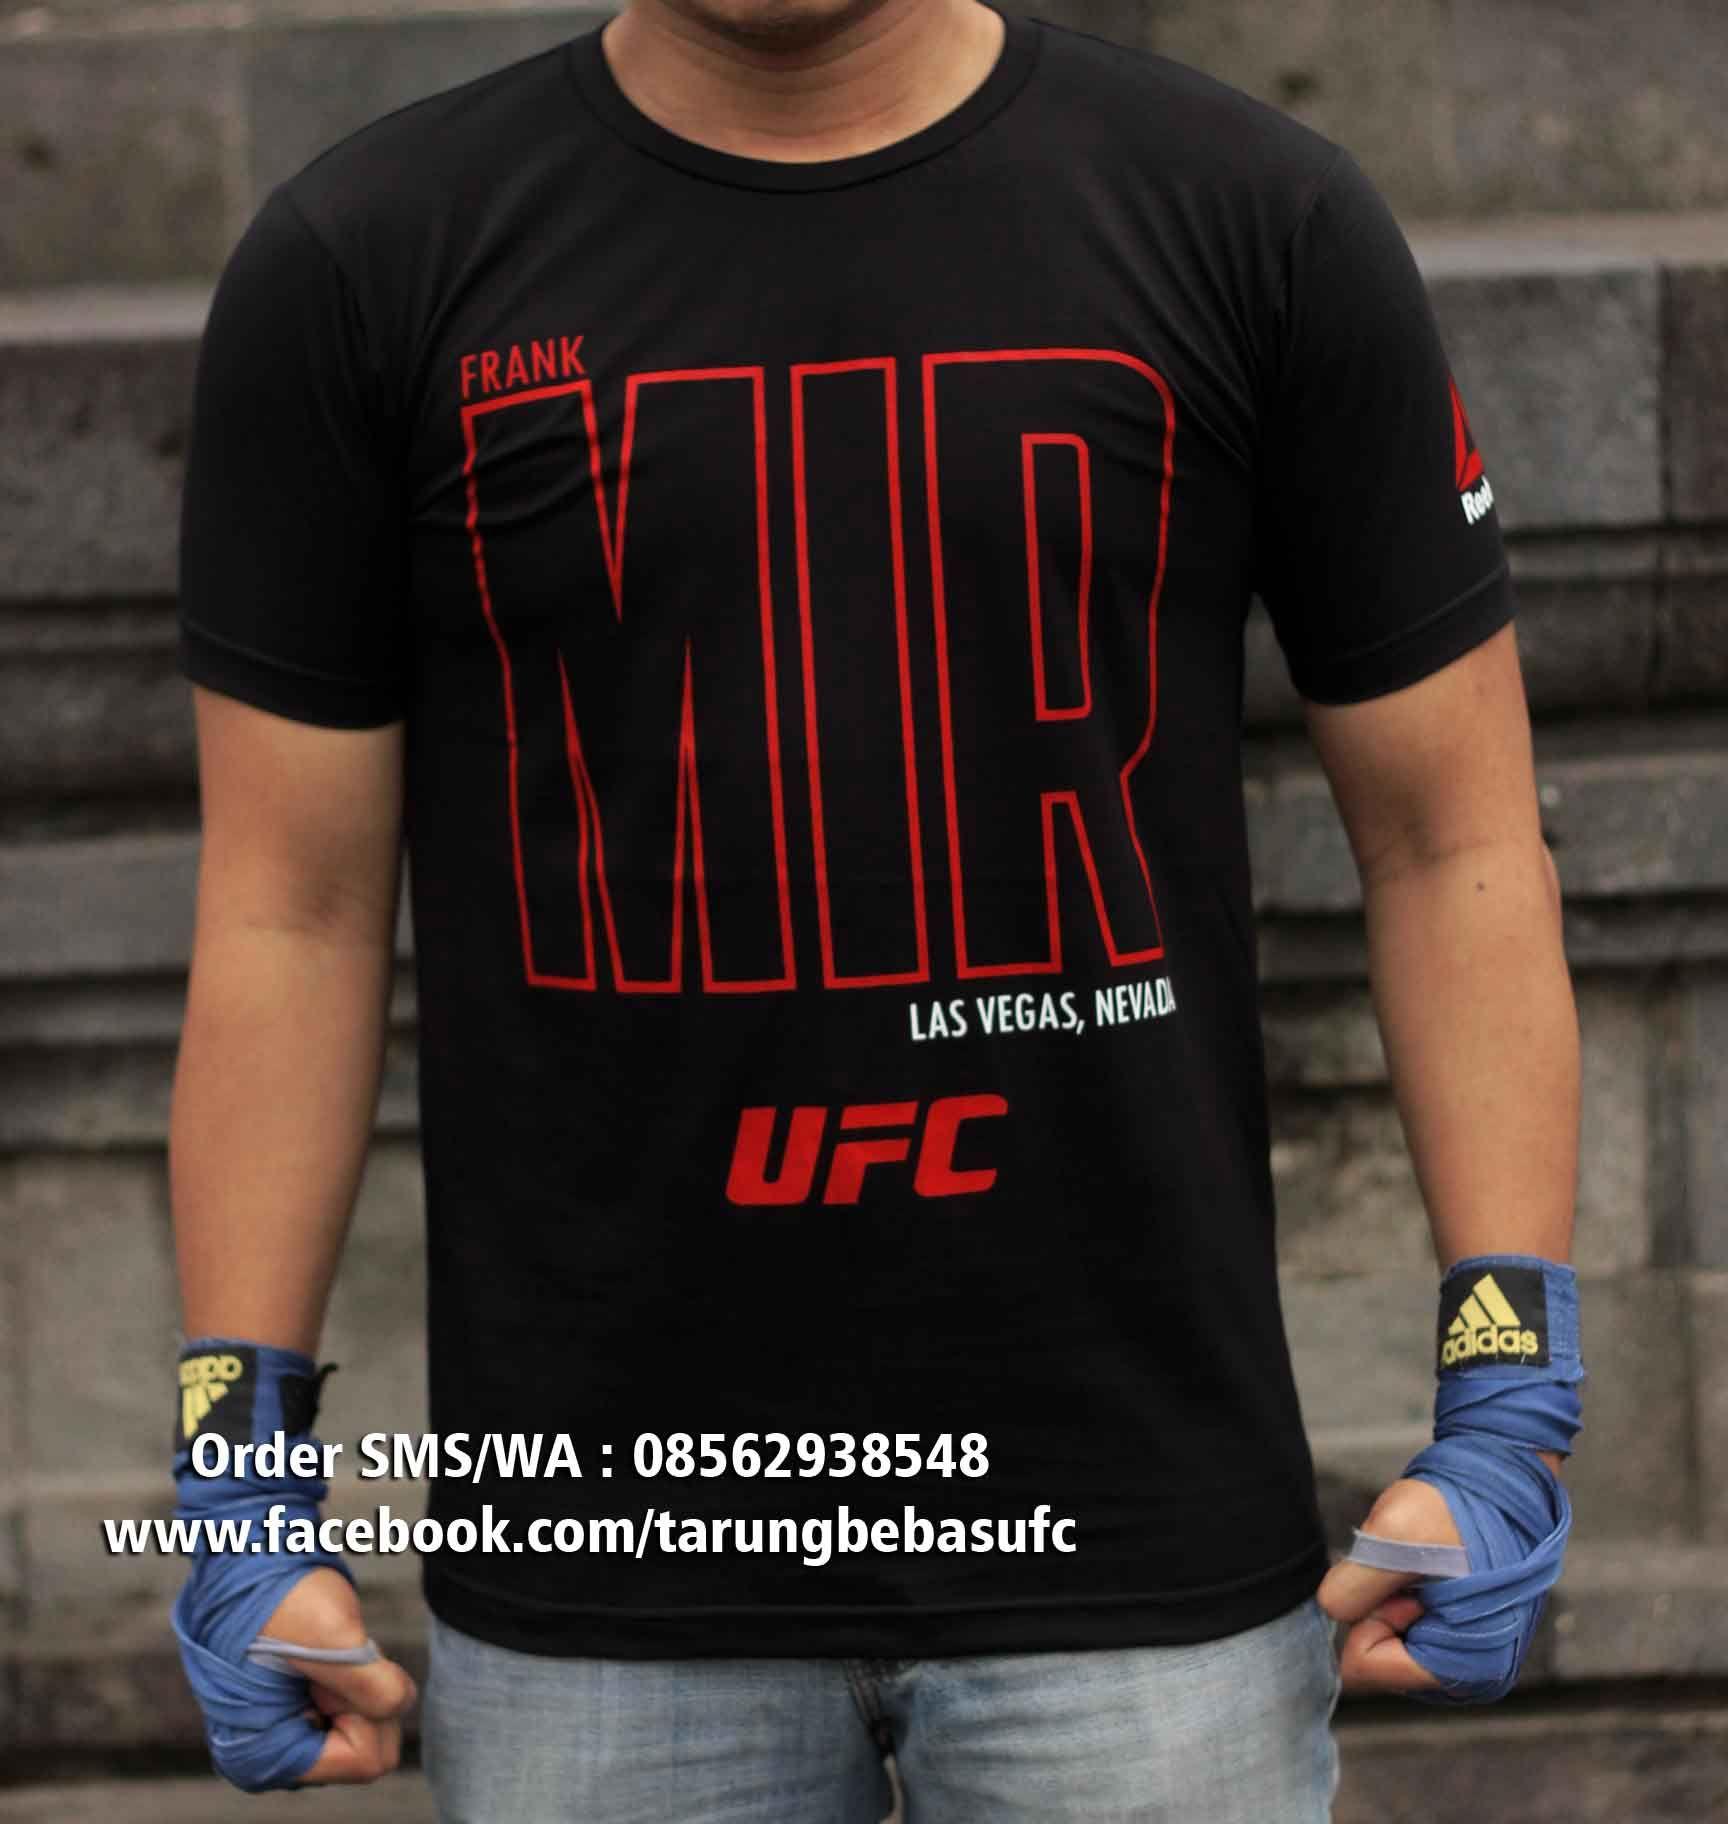 Shirt design malaysia - Kaos Ufc Frank Mir Beli Kaos Ufc Bonus Dvd Training Mma Order Sms Dvd Malaysiat Shirts